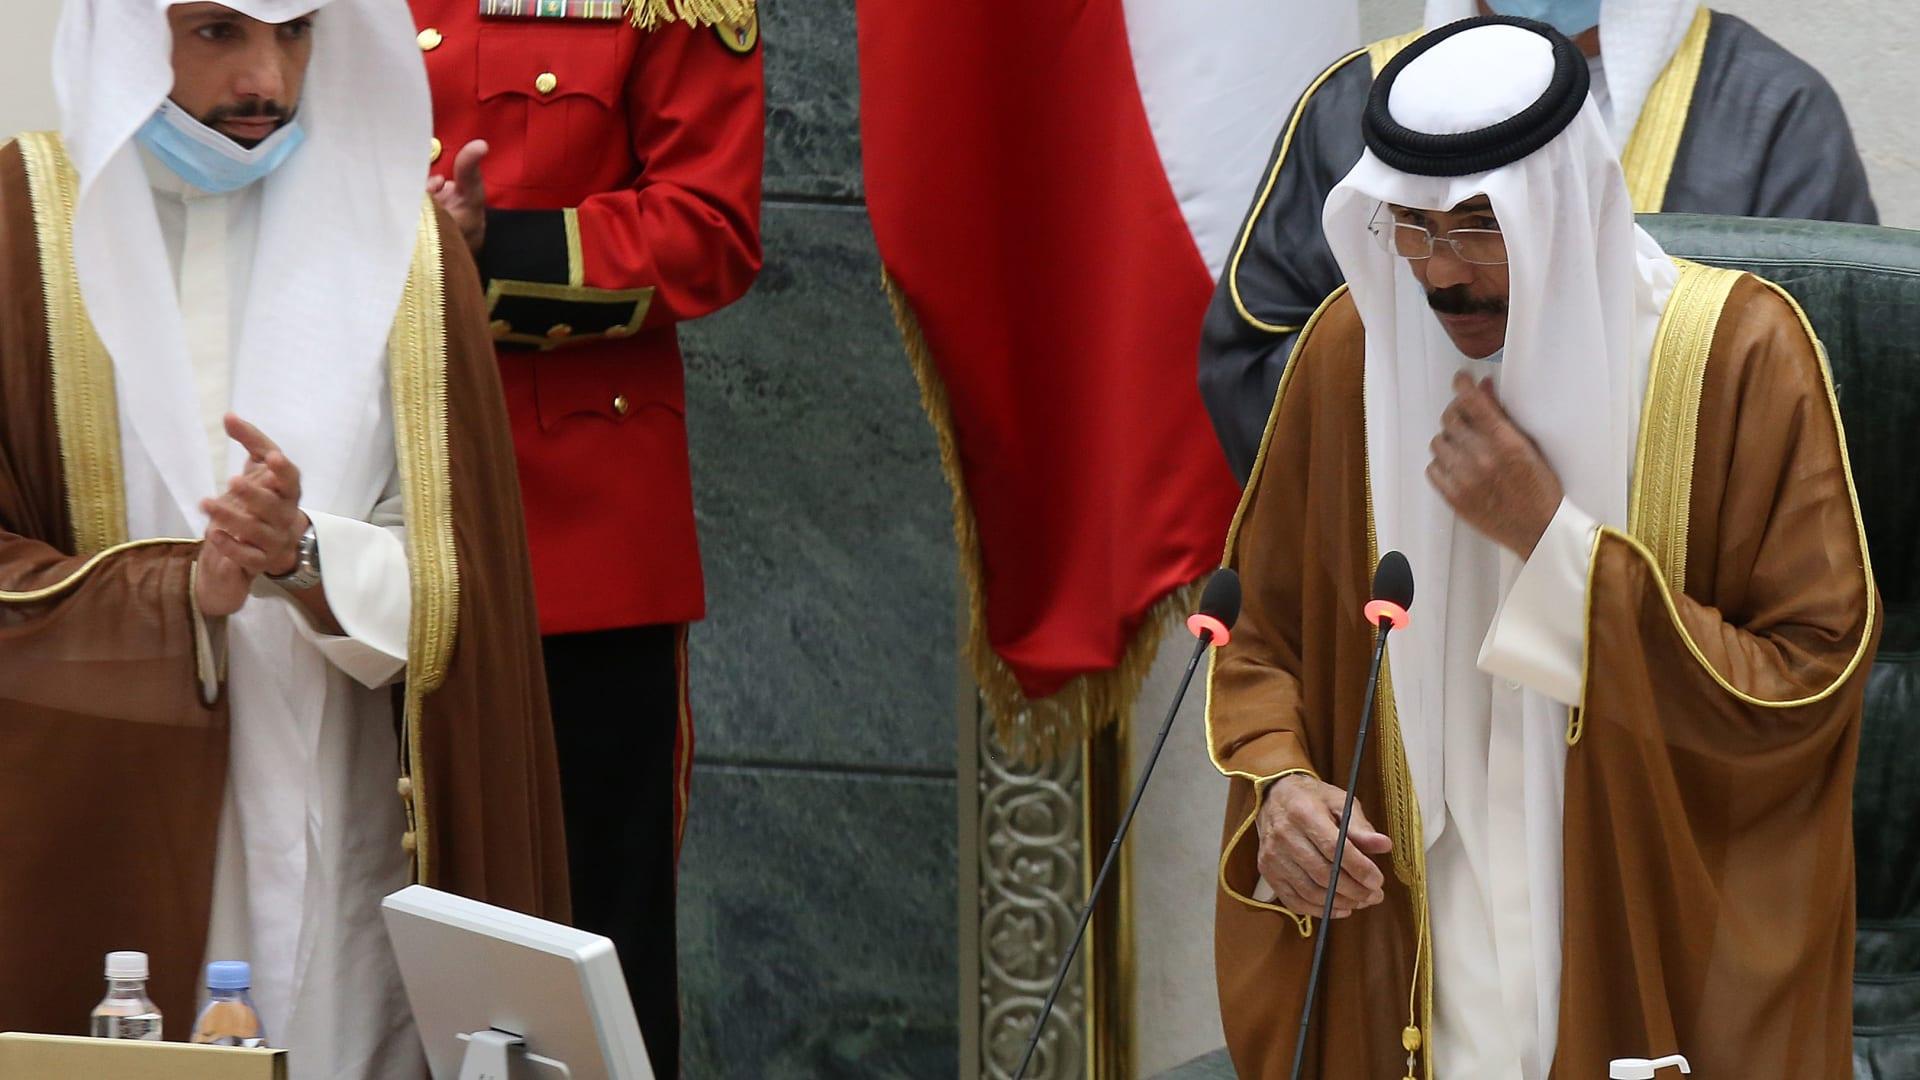 وفاة أمير الكويت.. هكذا كانت ردود فعل بعض قادة الخليج والعرب